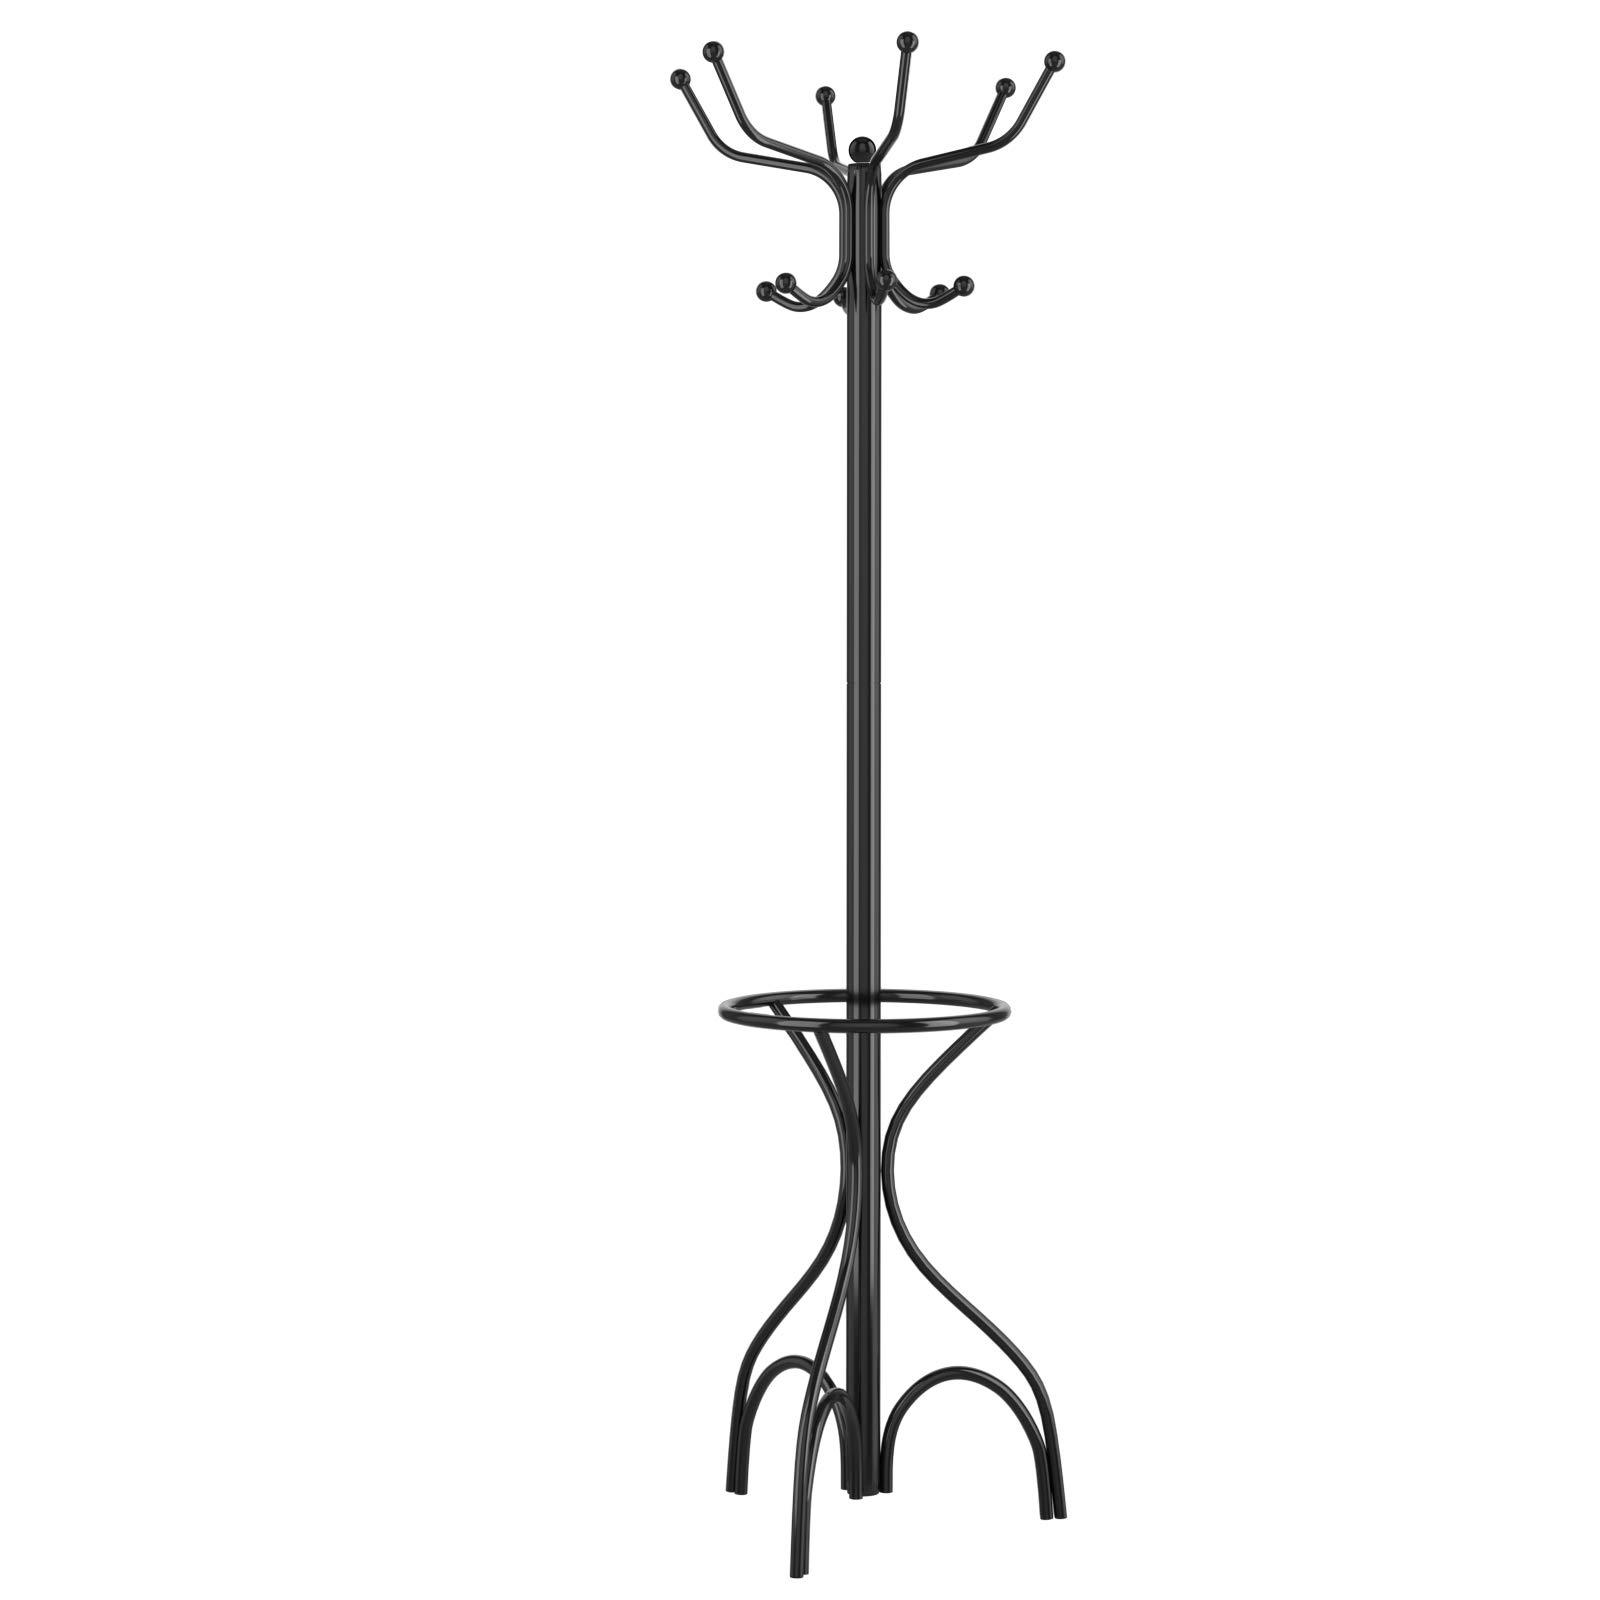 Metal Premium Coat Stand Floor Standing Umbrella Clothes Hat Rack Hanger Hooks